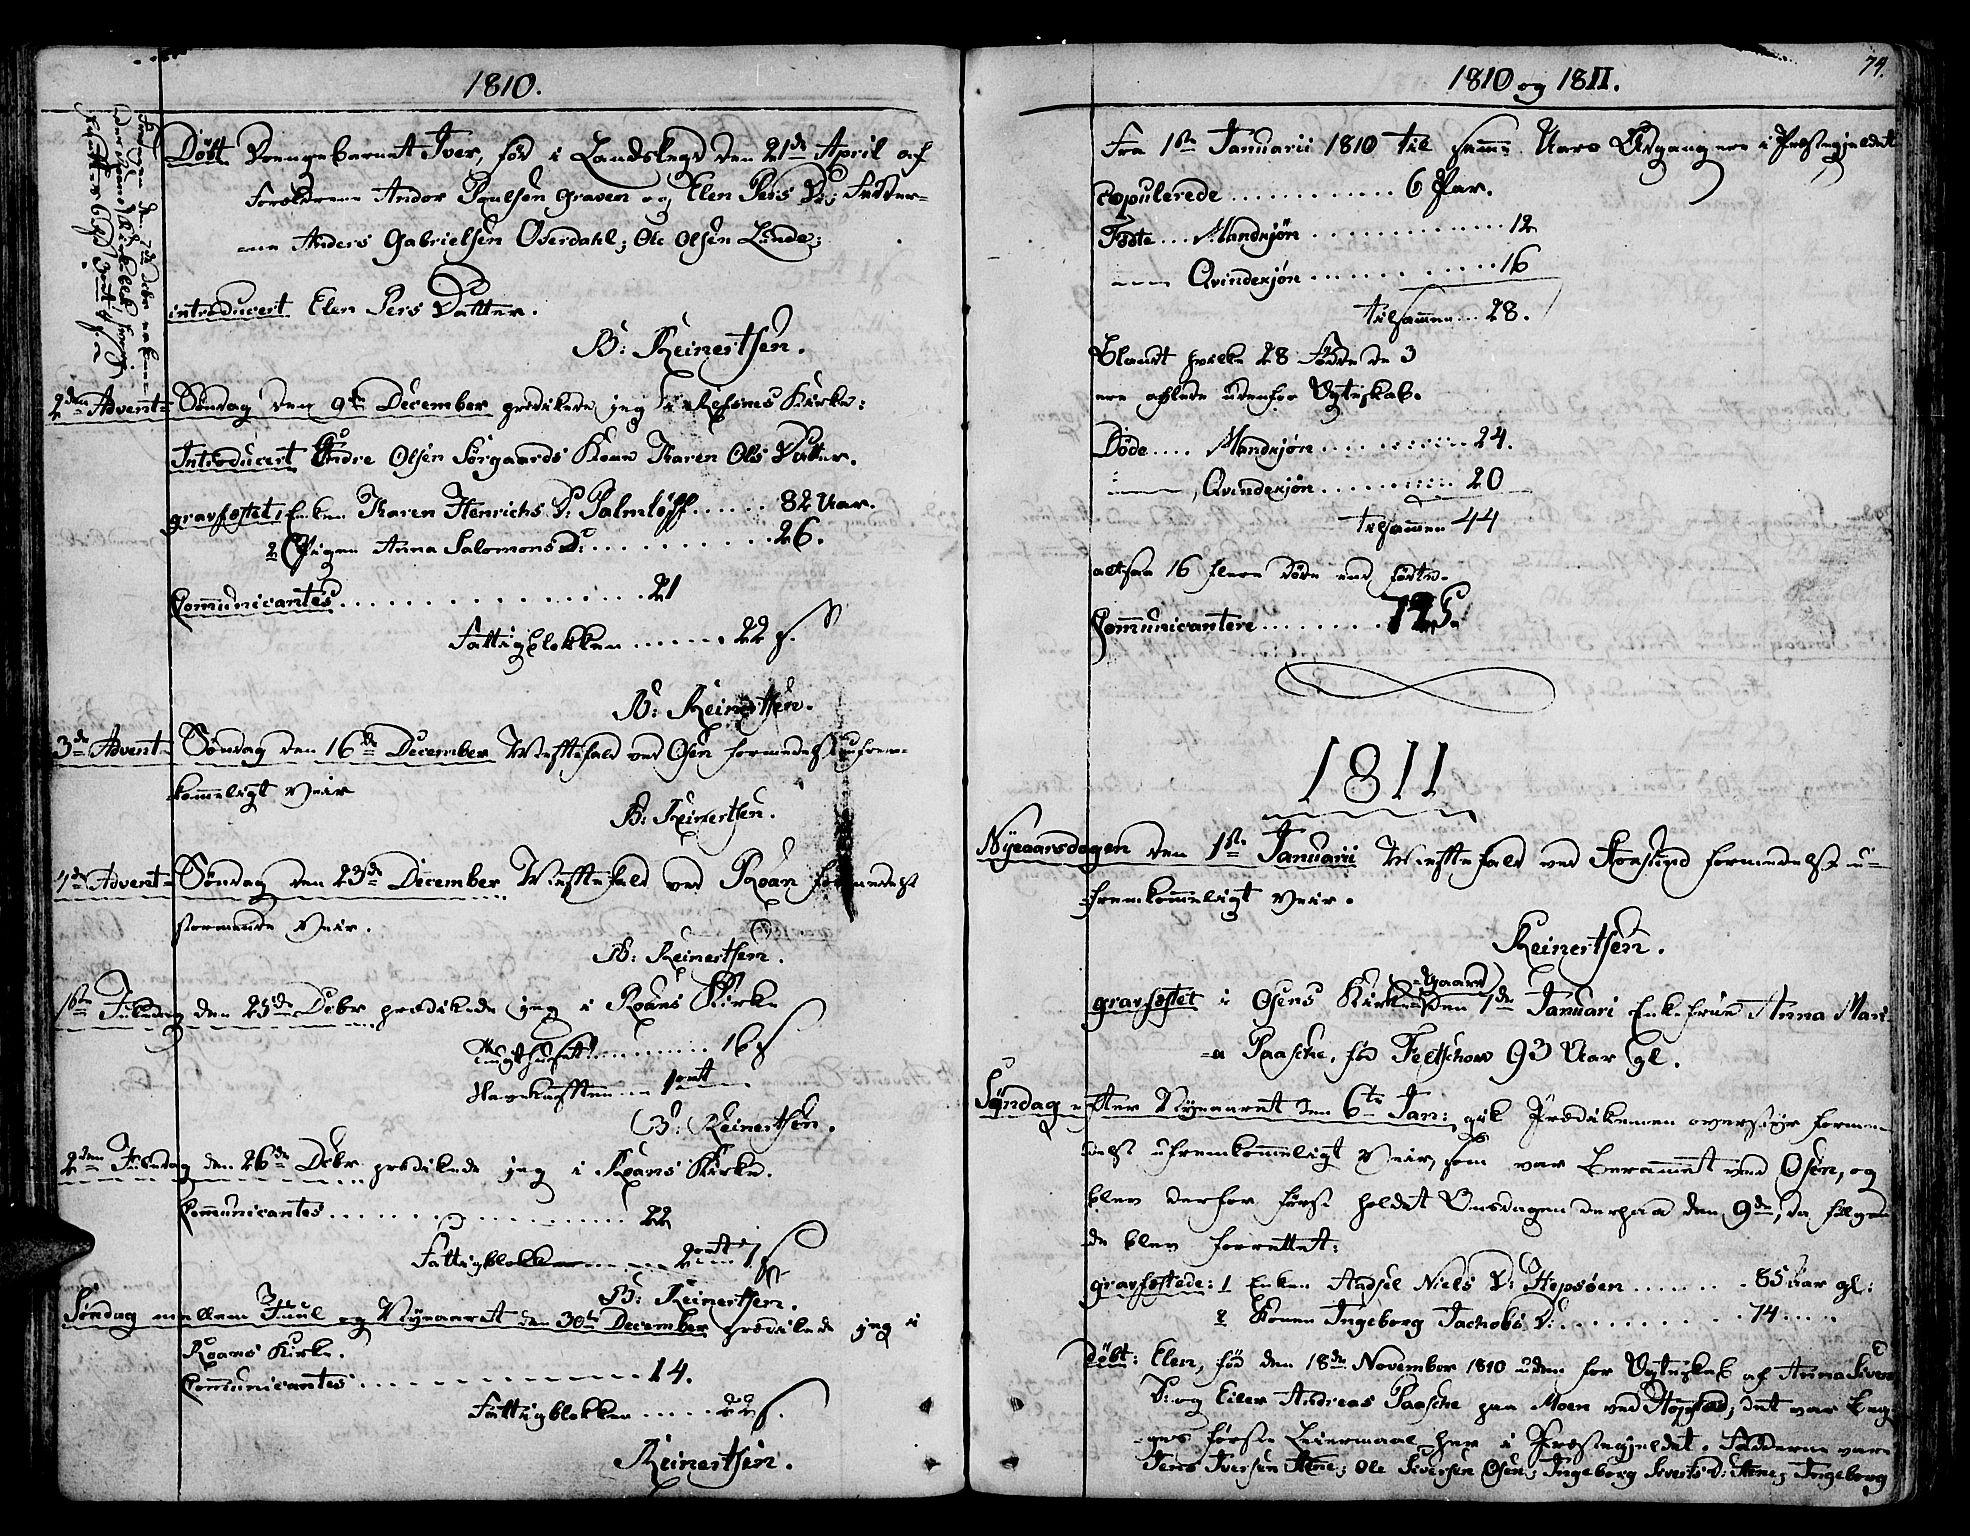 SAT, Ministerialprotokoller, klokkerbøker og fødselsregistre - Sør-Trøndelag, 657/L0701: Ministerialbok nr. 657A02, 1802-1831, s. 74